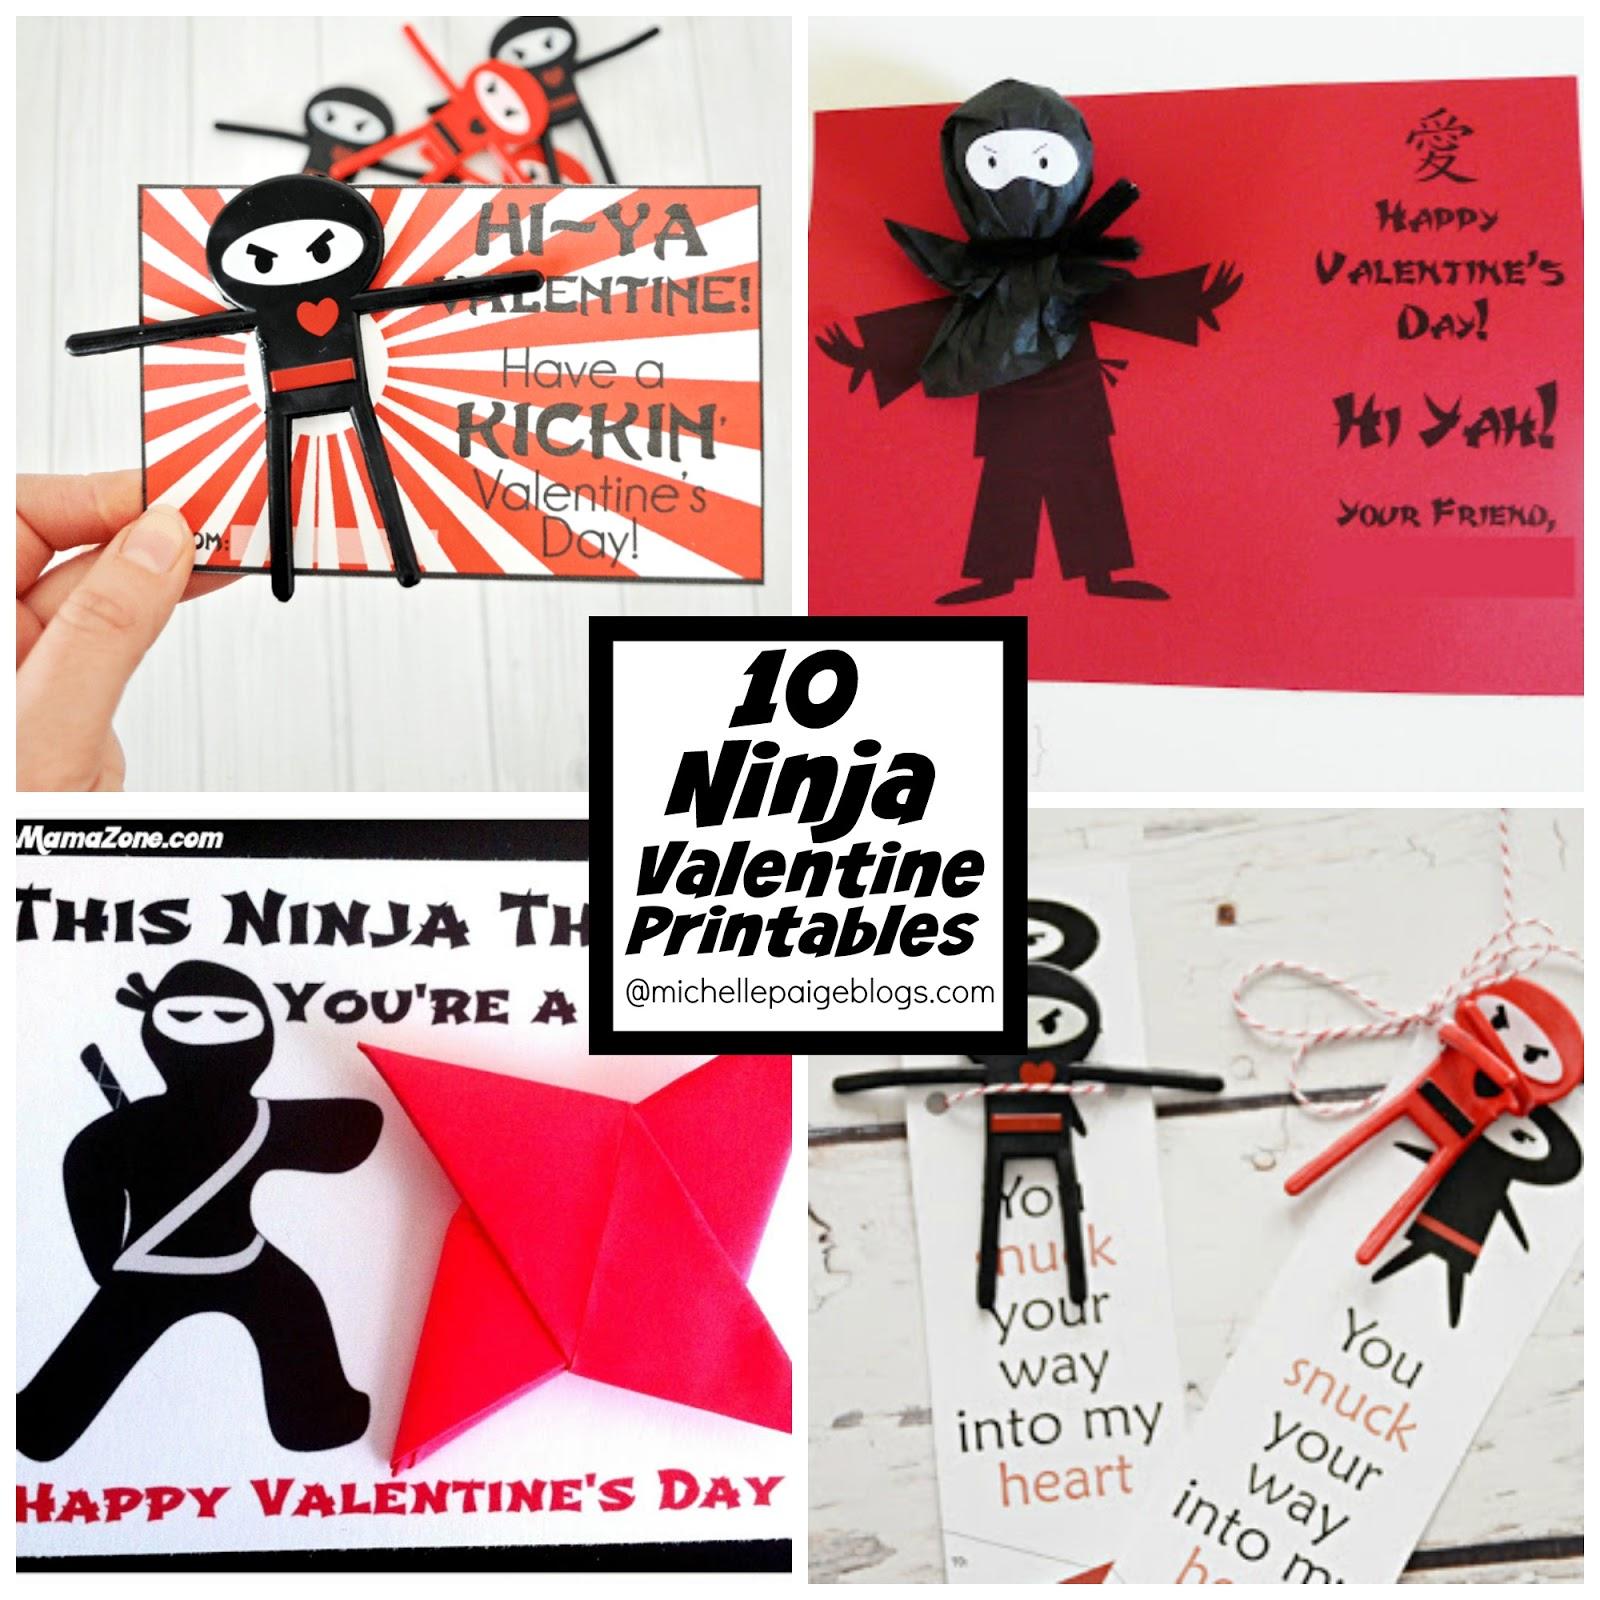 image regarding Ninja Printable named mice paige weblogs: 10 Printable Ninja Valentines